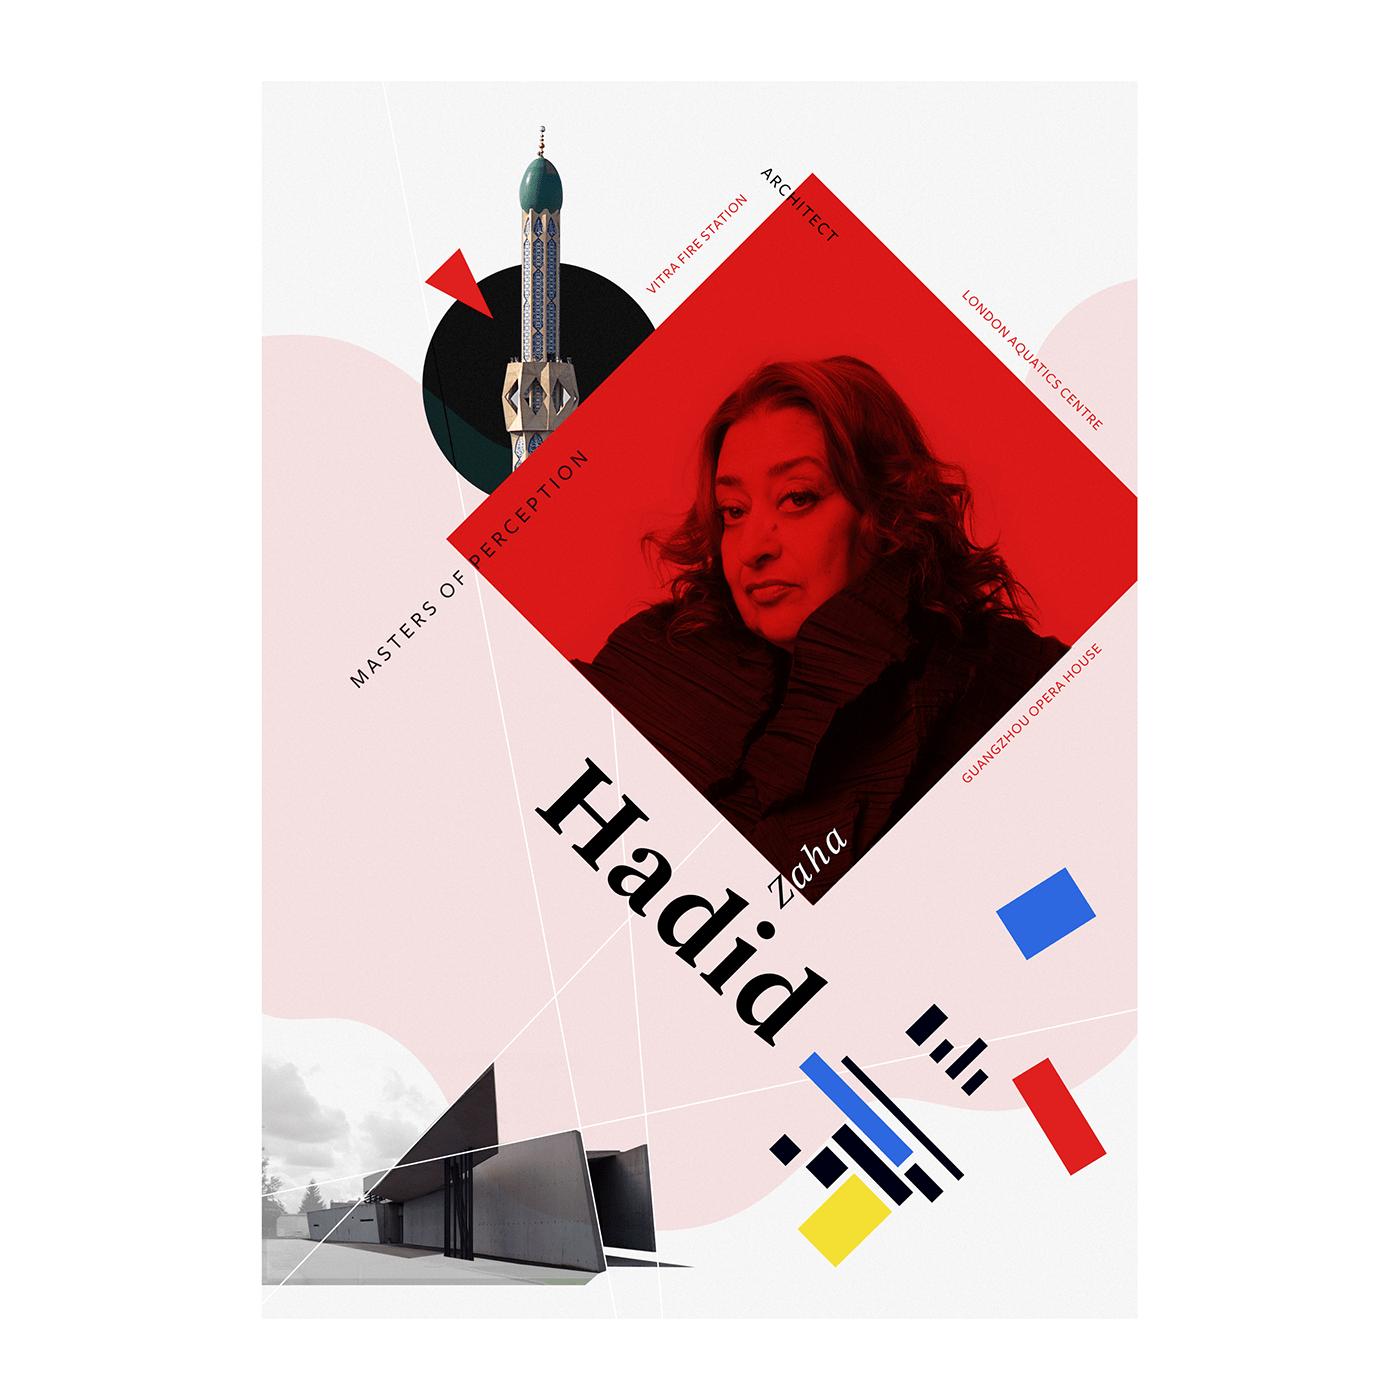 Illtustration Poster Design